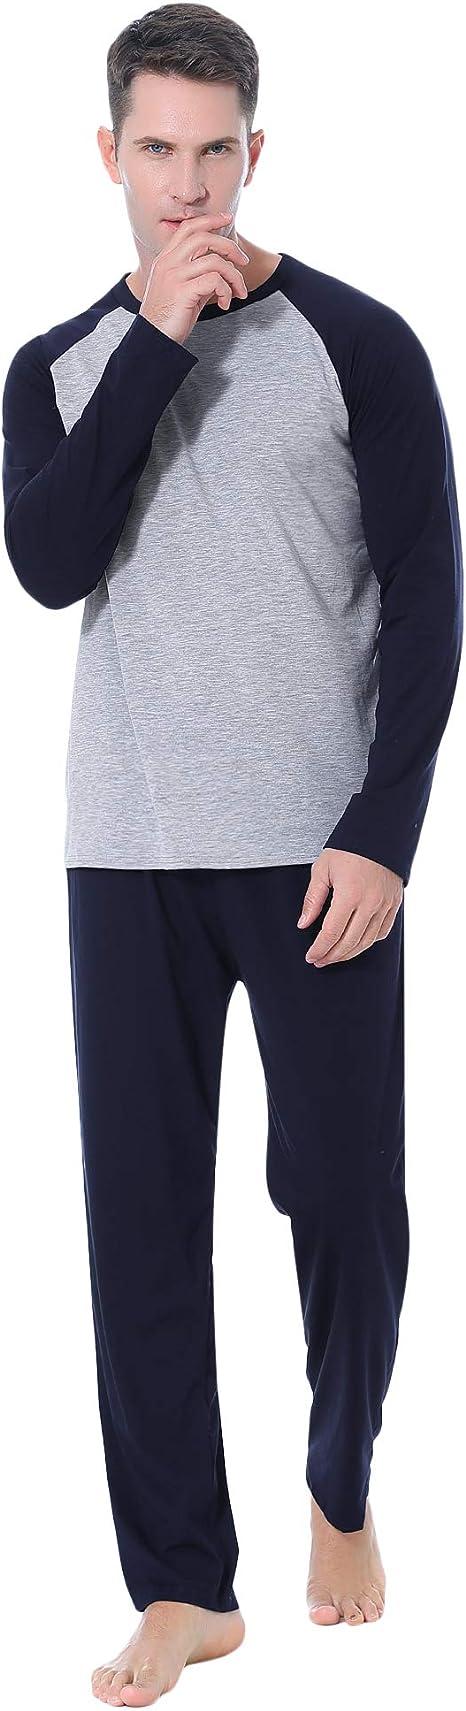 Aibrou Pijamas Hombre Invierno Manga Larga Conjuntos de Pijama para Hombre Algodón Ropa de Domir 2 Piezas Pantalones Largo: Amazon.es: Ropa y accesorios